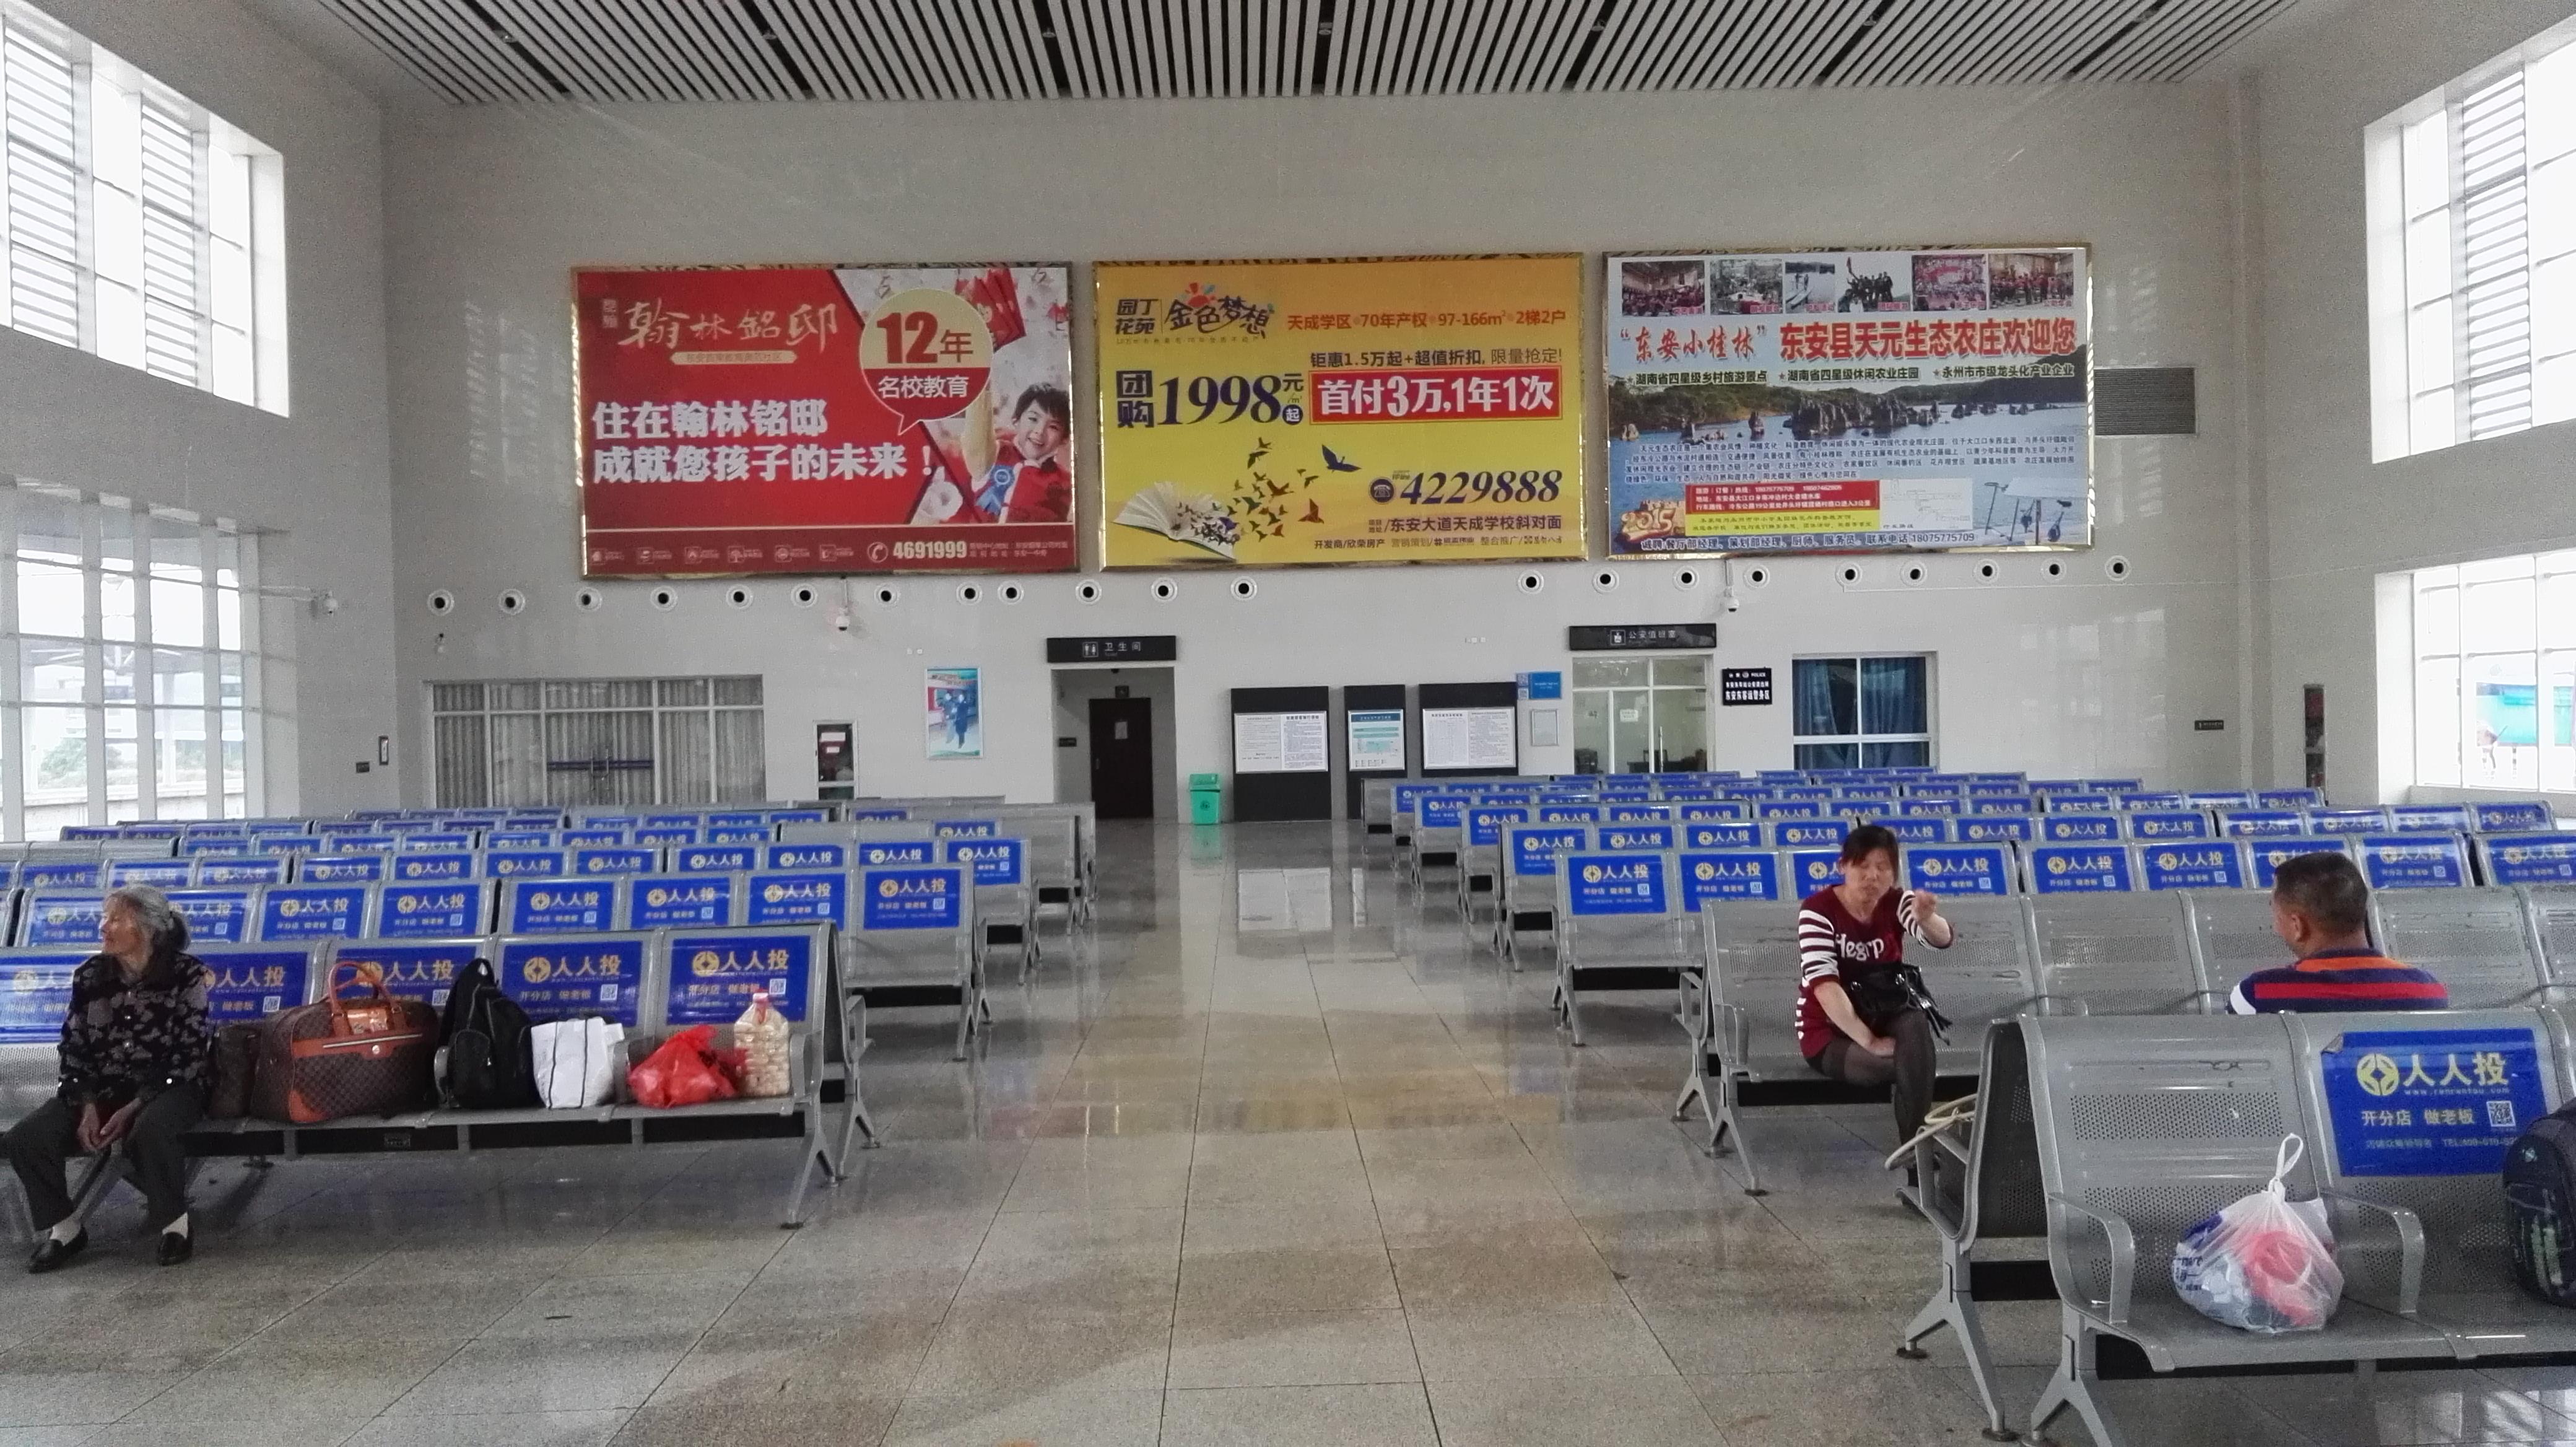 广西桂林市东安东站候车大厅灯箱媒体广告位